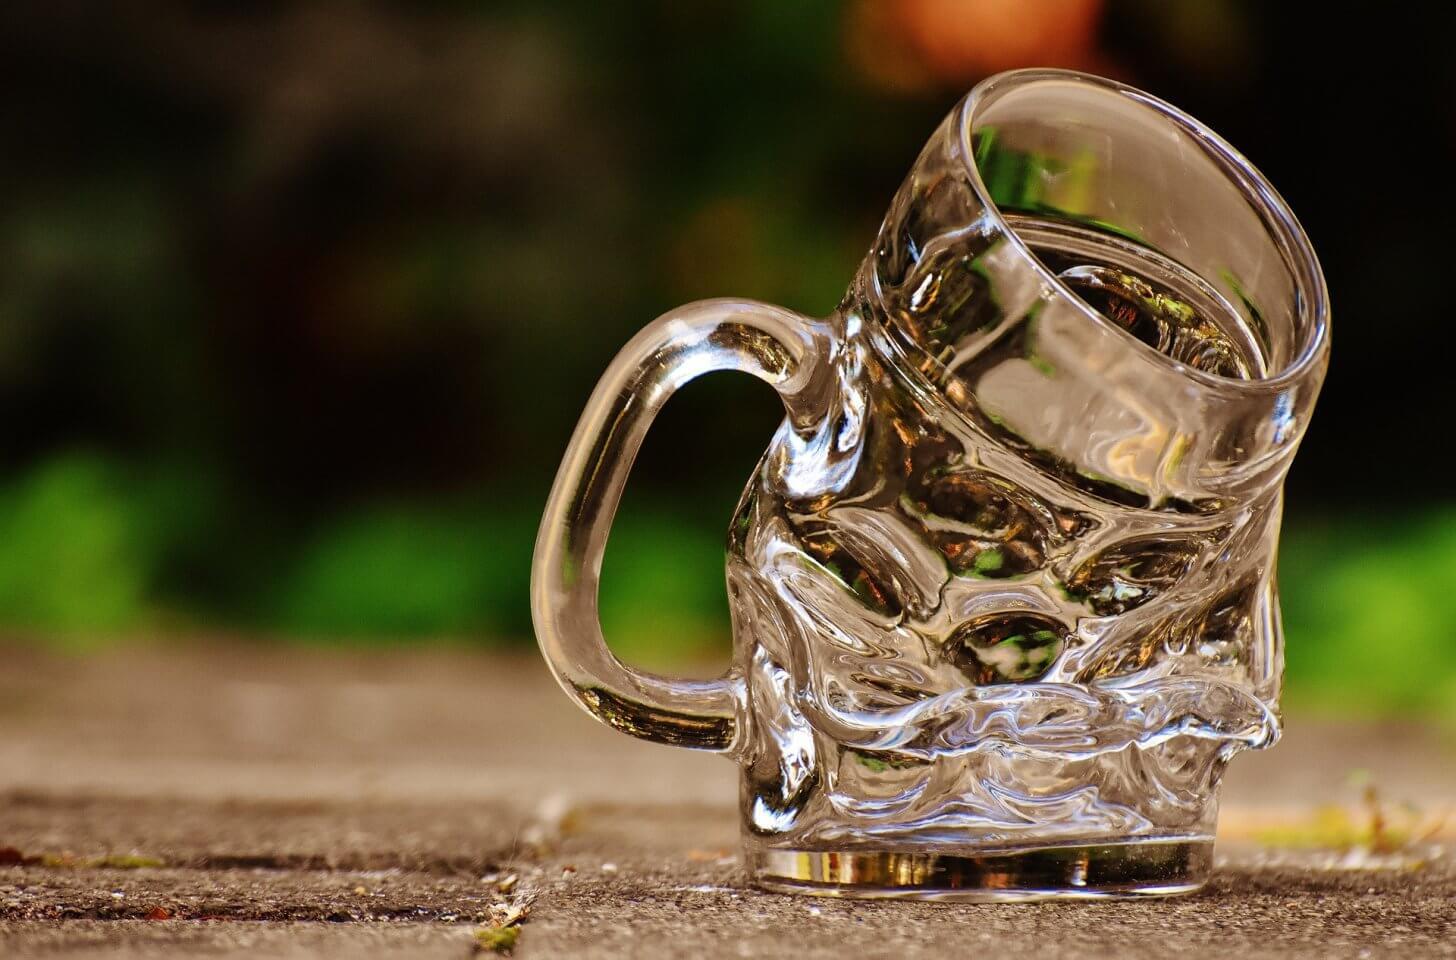 会社の飲み会が嫌いな人は転職するべき!飲み会で得られるものは苦痛のみ